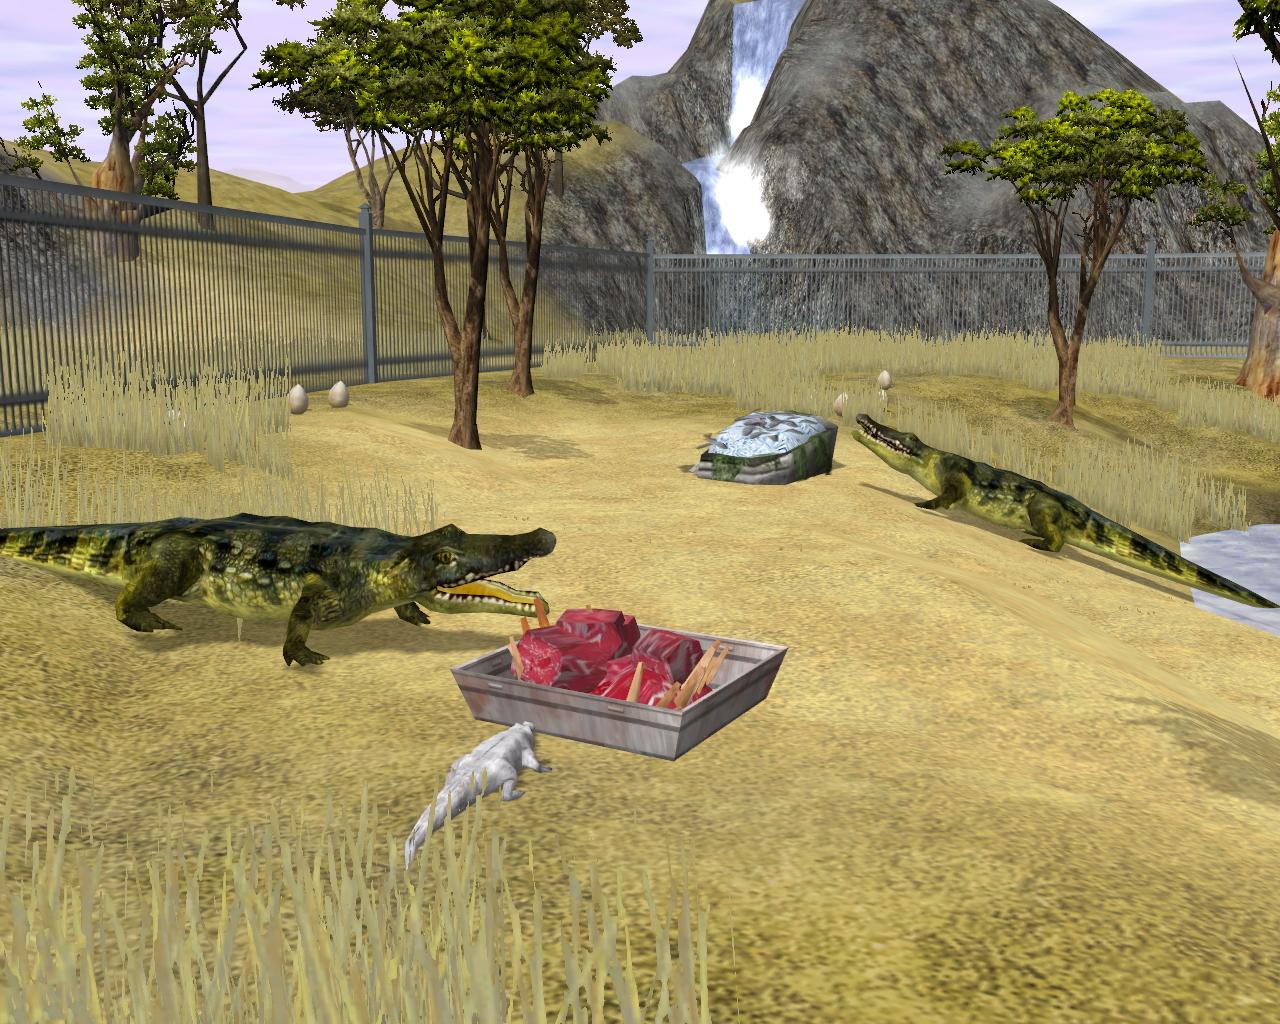 wildlifepark2_016.jpg